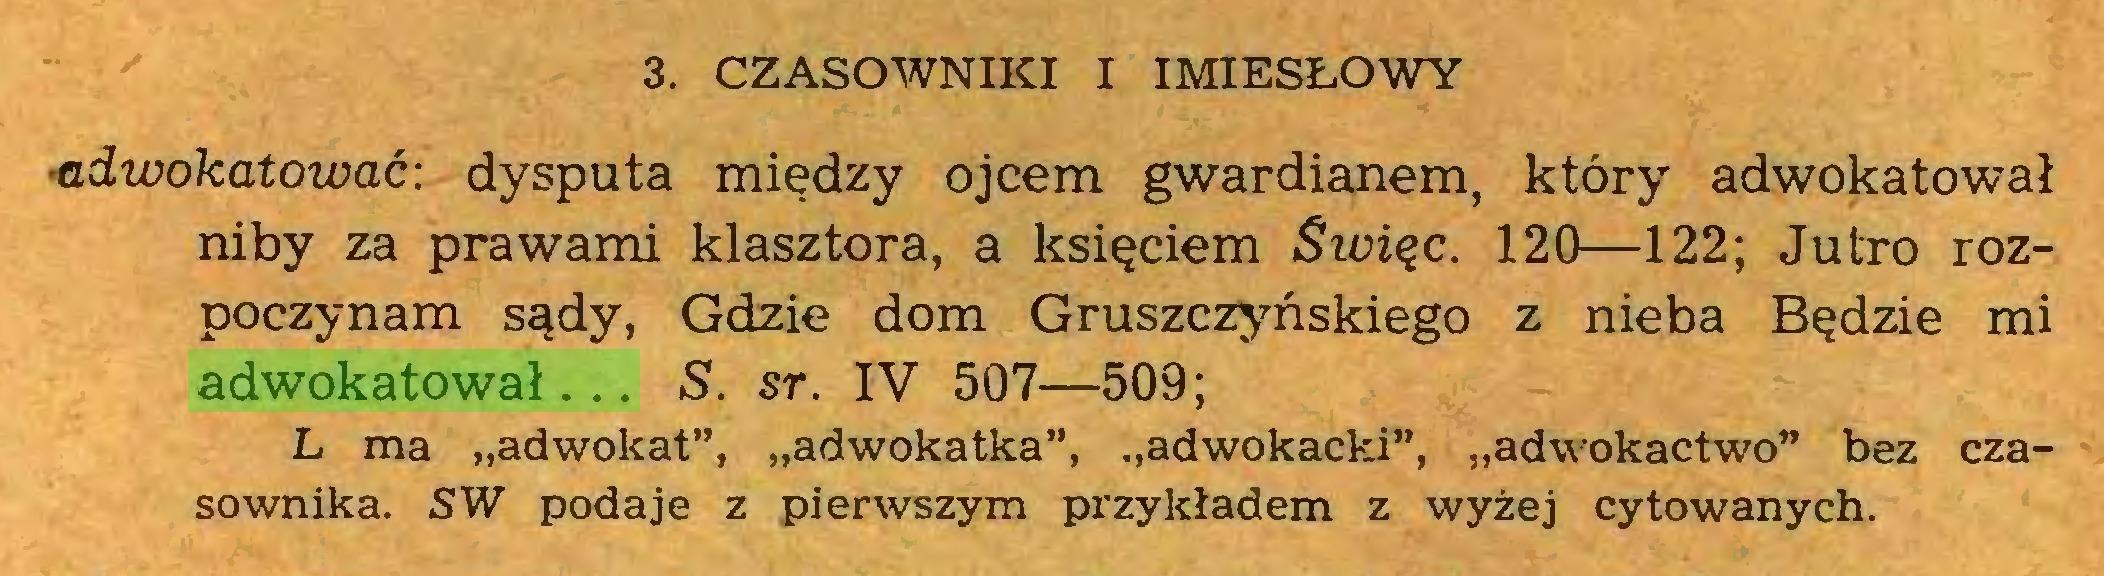 """(...) 3. CZASOWNIKI I IMIESŁOWY ■adwokatować: dysputa między ojcem gwardianem, który adwokatował niby za prawami klasztora, a księciem Sicięc. 120—122; Jutro rozpoczynam sądy, Gdzie dom Gruszczyńskiego z nieba Będzie mi adwokatował... S. sr. IV 507—509; L ma """"adwokat"""", """"adwokatka"""", """"adwokacki"""", """"adwokactwo"""" bez czasownika. SW podaje z pierwszym przykładem z wyżej cytowanych..."""